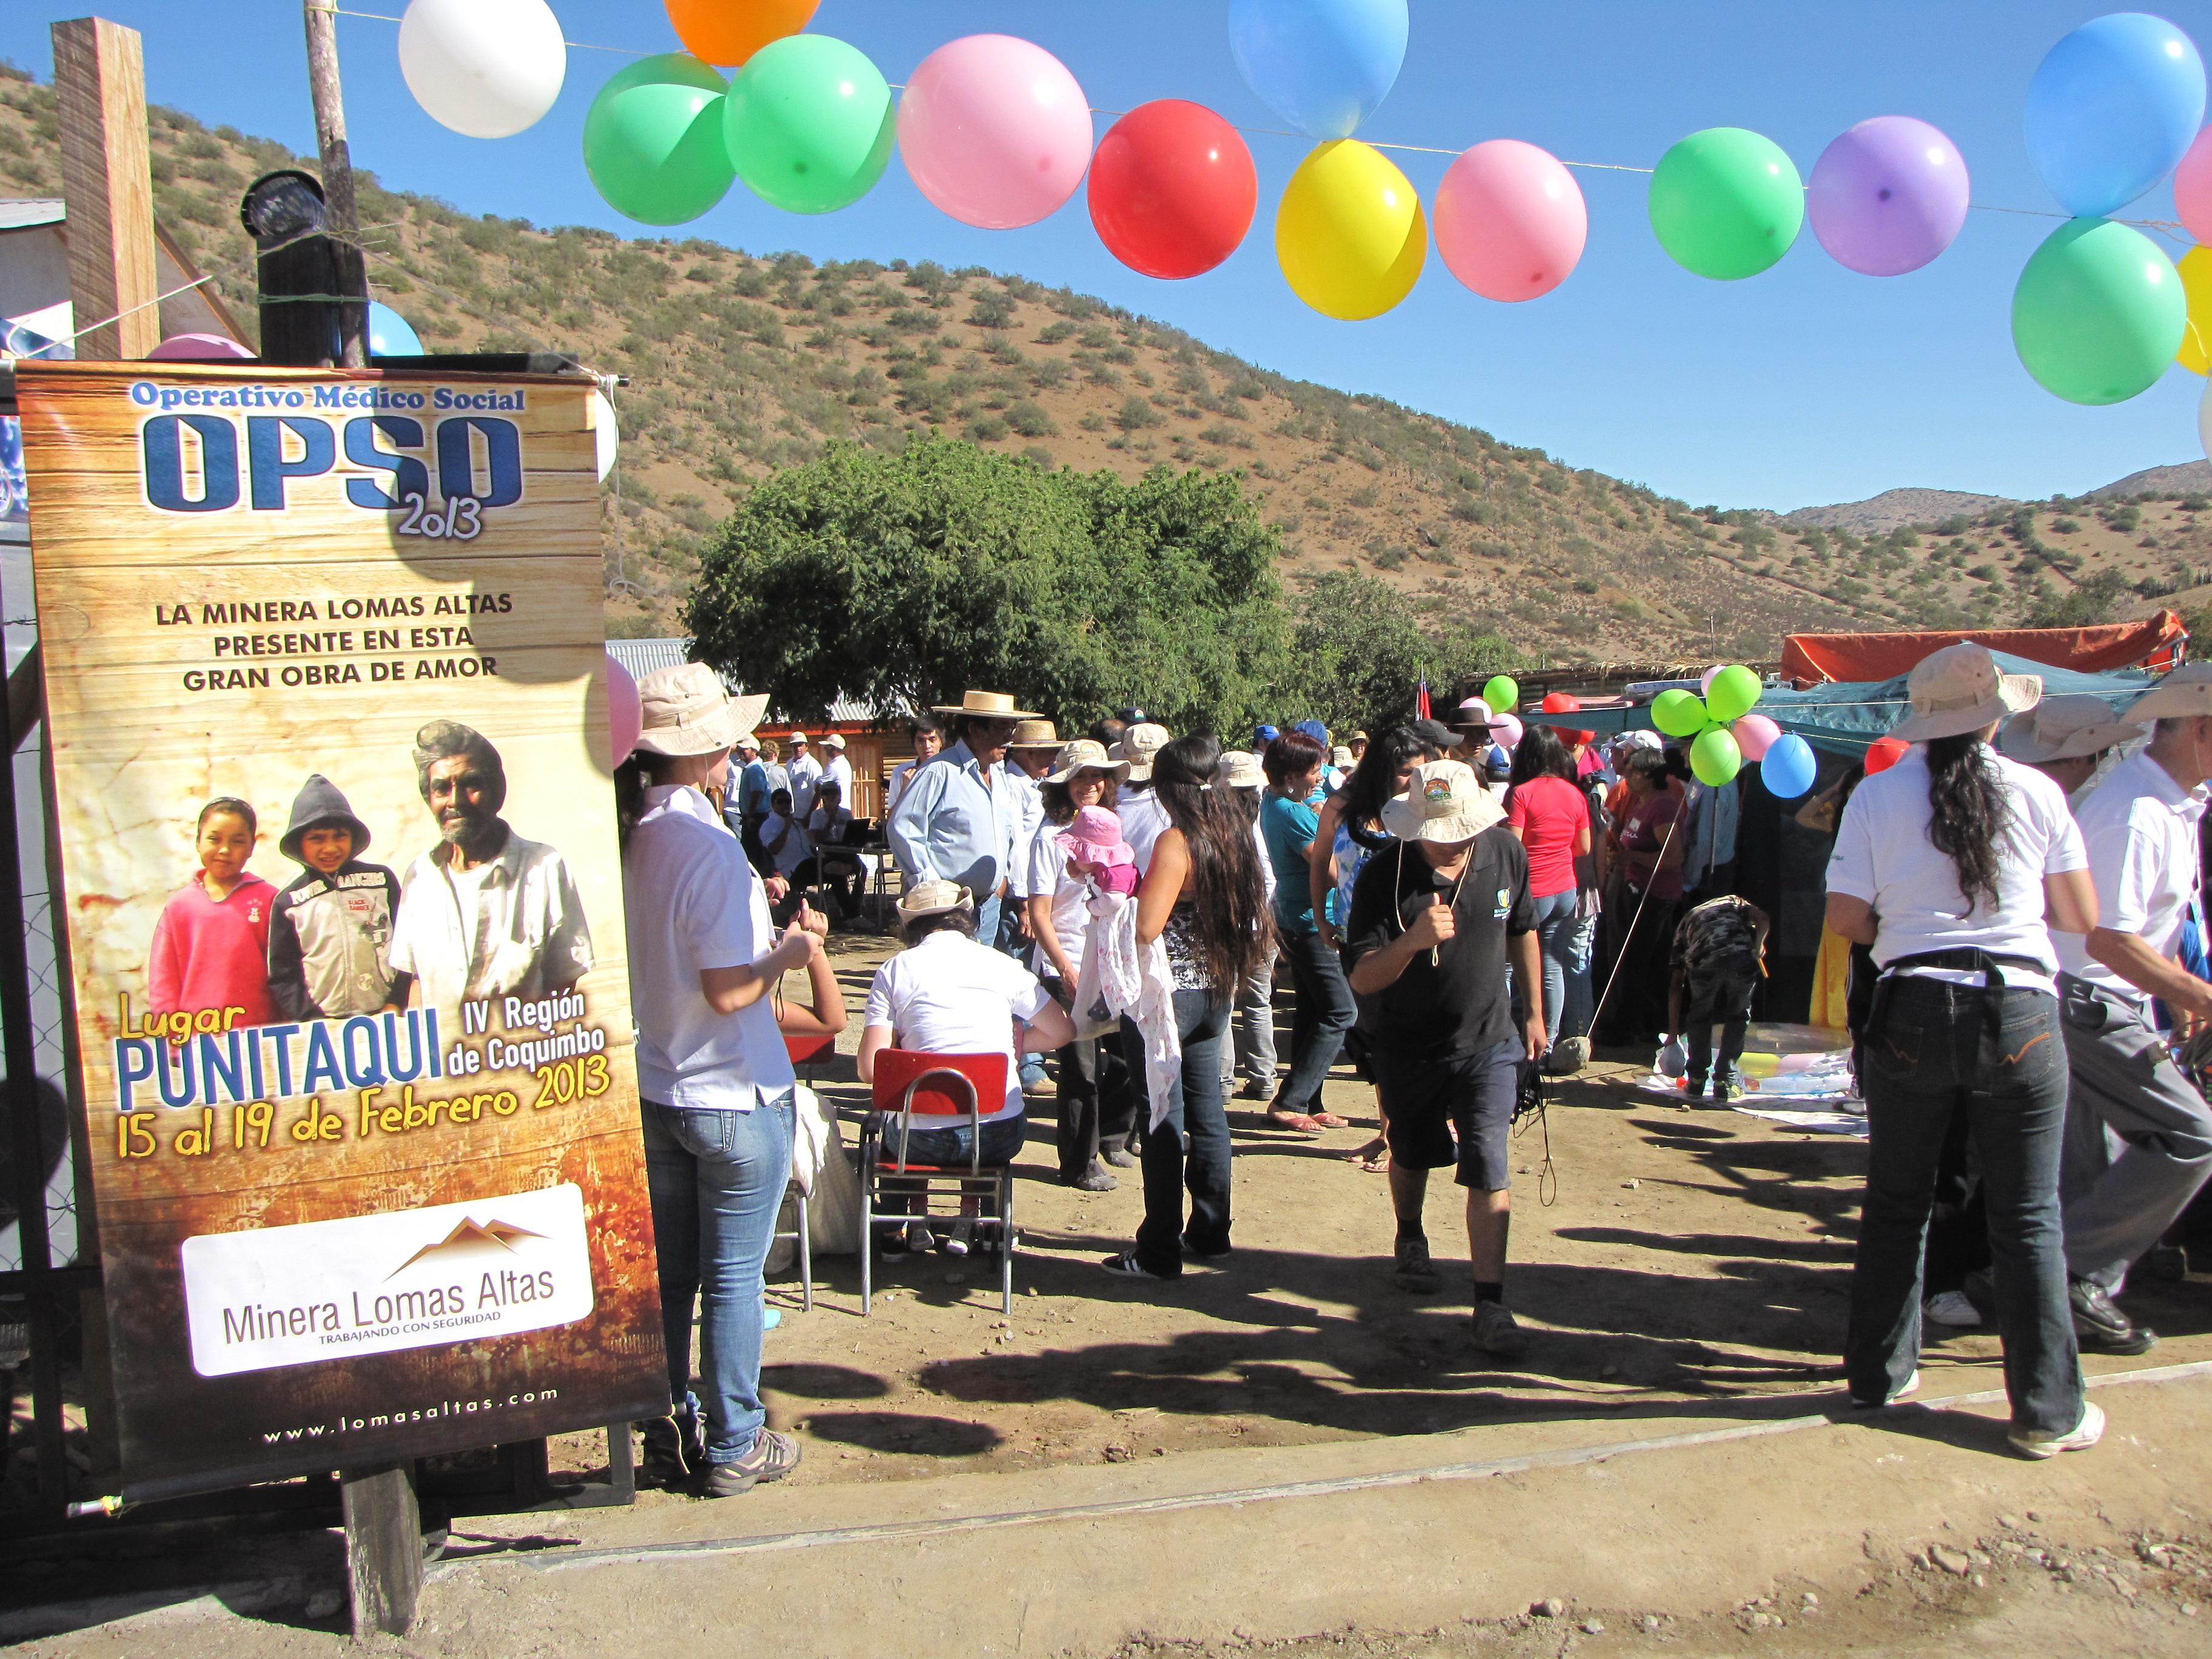 Jóvenes prestando ayuda a dagnificados en Chile